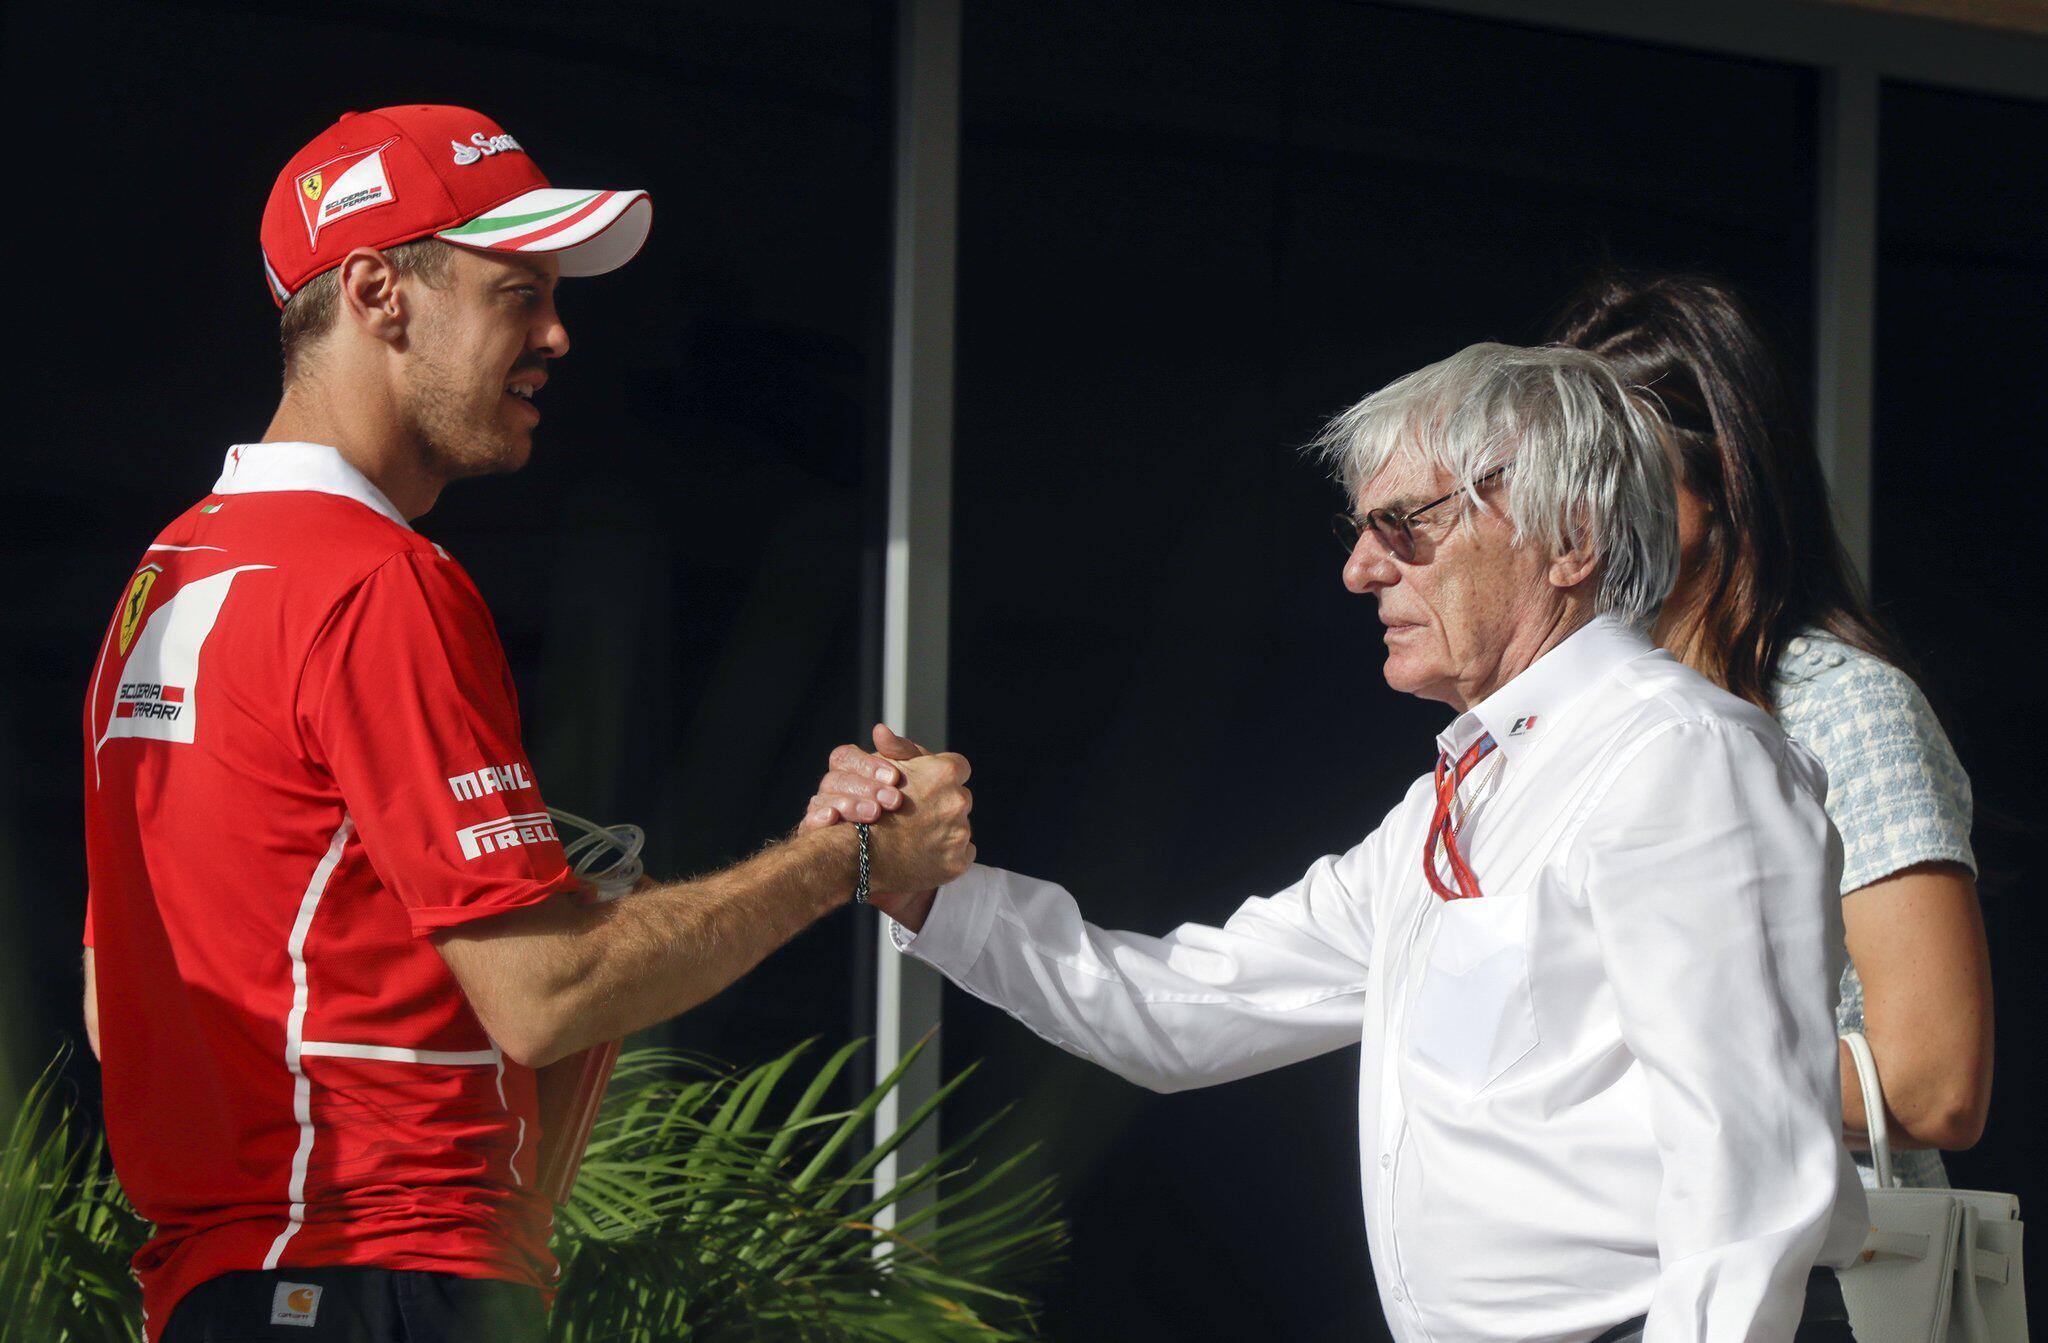 Bild zu Ecclestone, Vettel